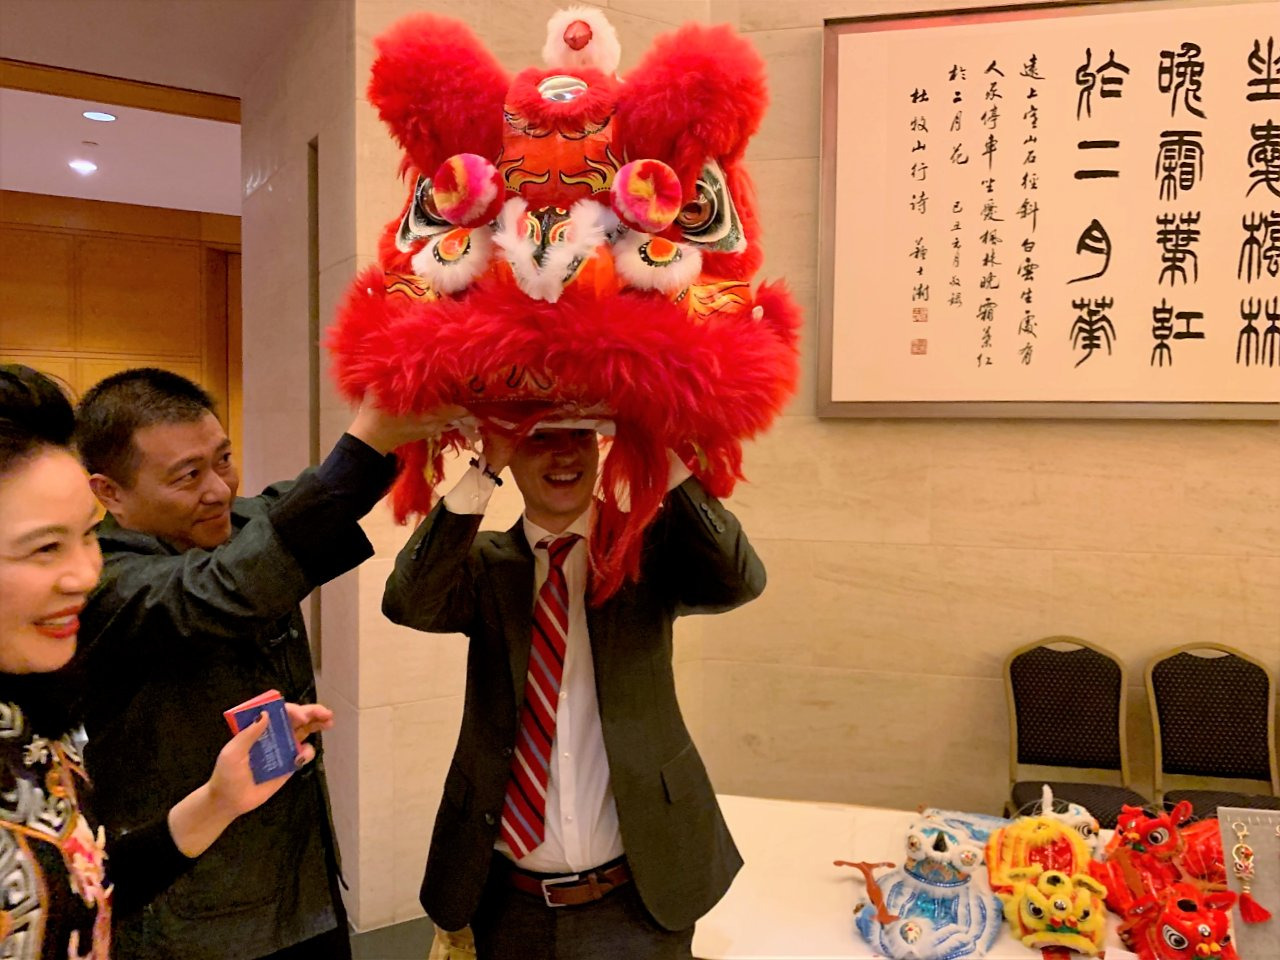 классической поздравление китайца с шуточным подарком приемов